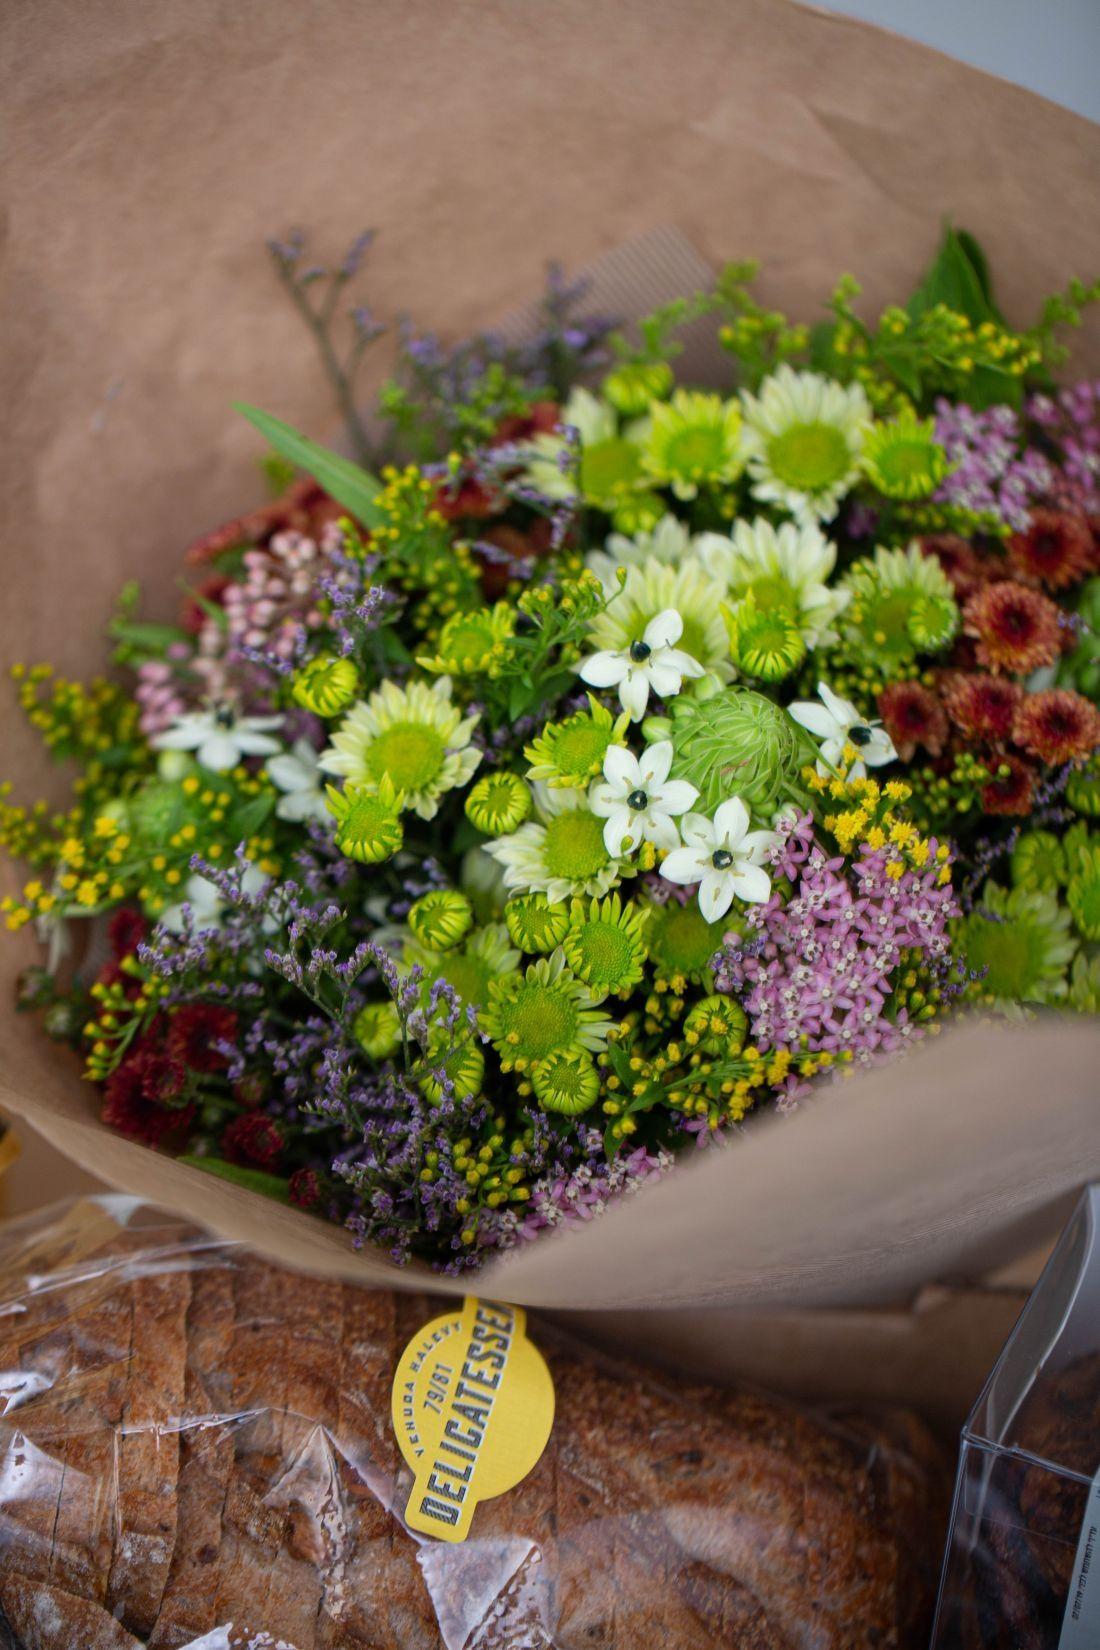 ואפשר להוסיף גם פרחים ליולדת